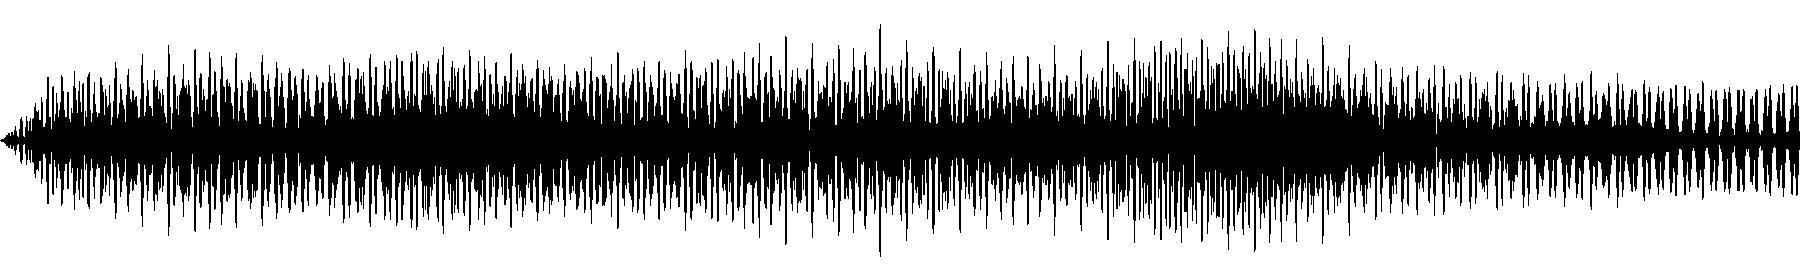 x loop 16